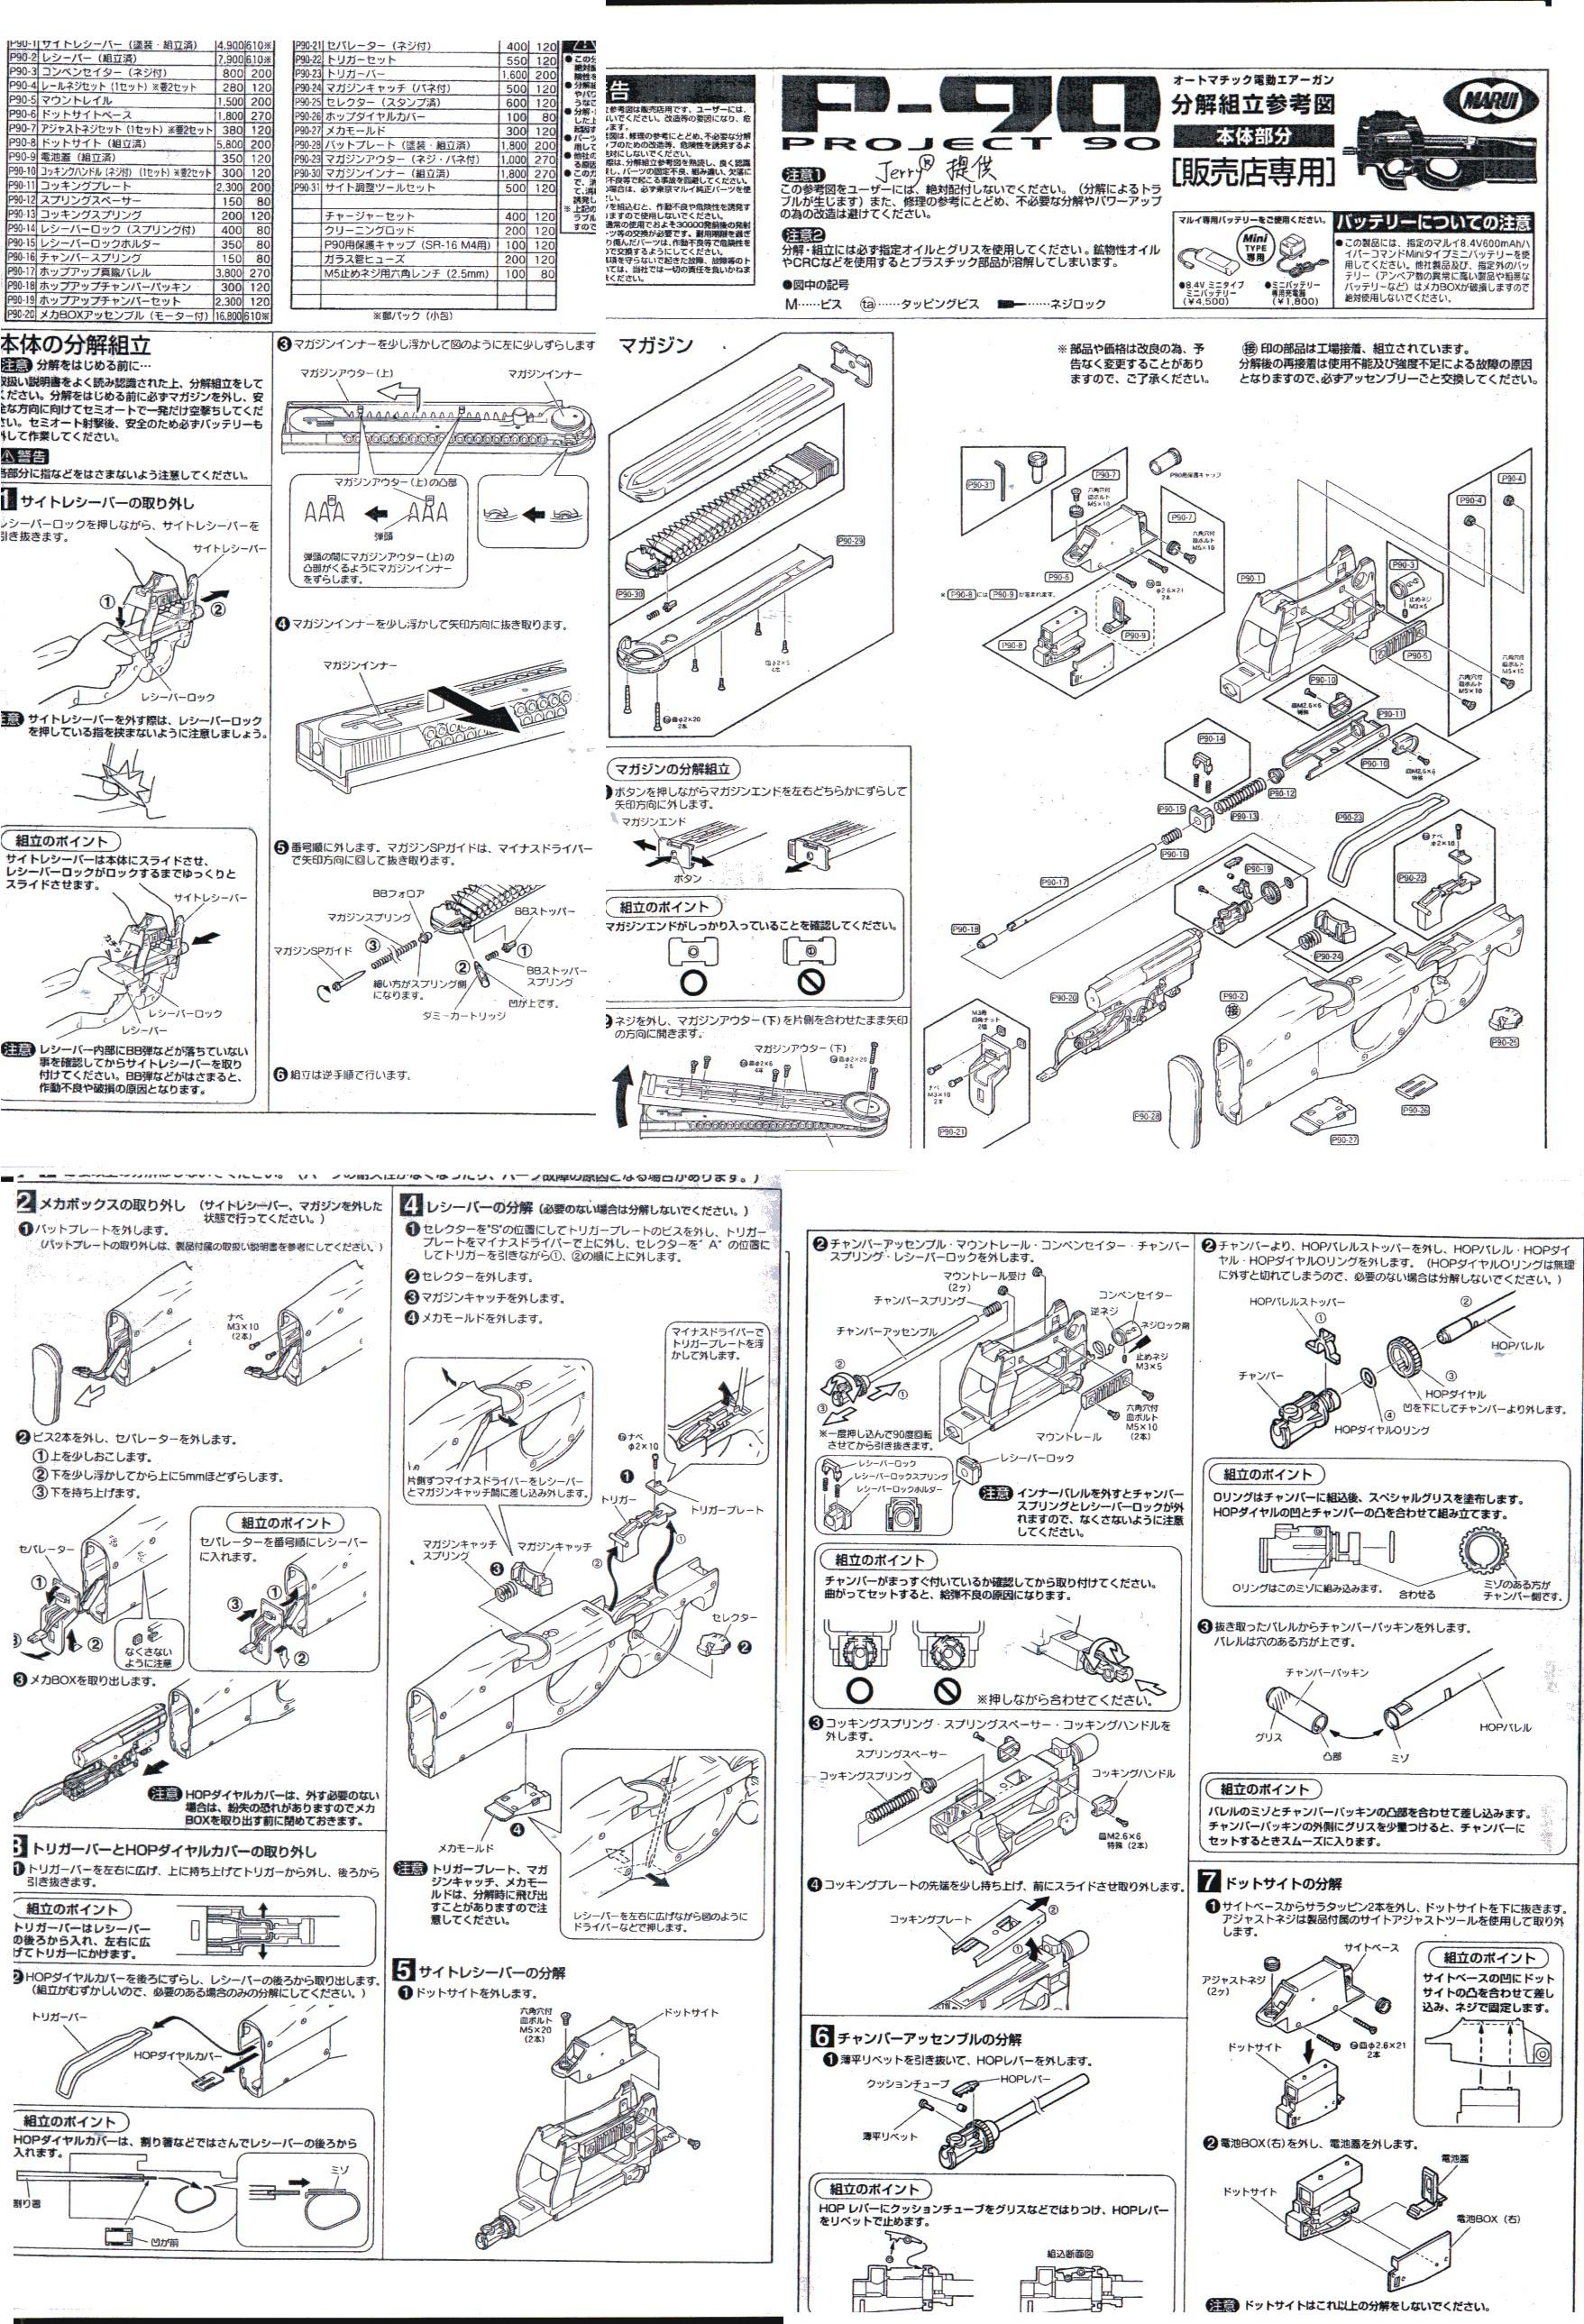 P90 Fn Herstal Five Seven Tokyo Marui Triple Rail